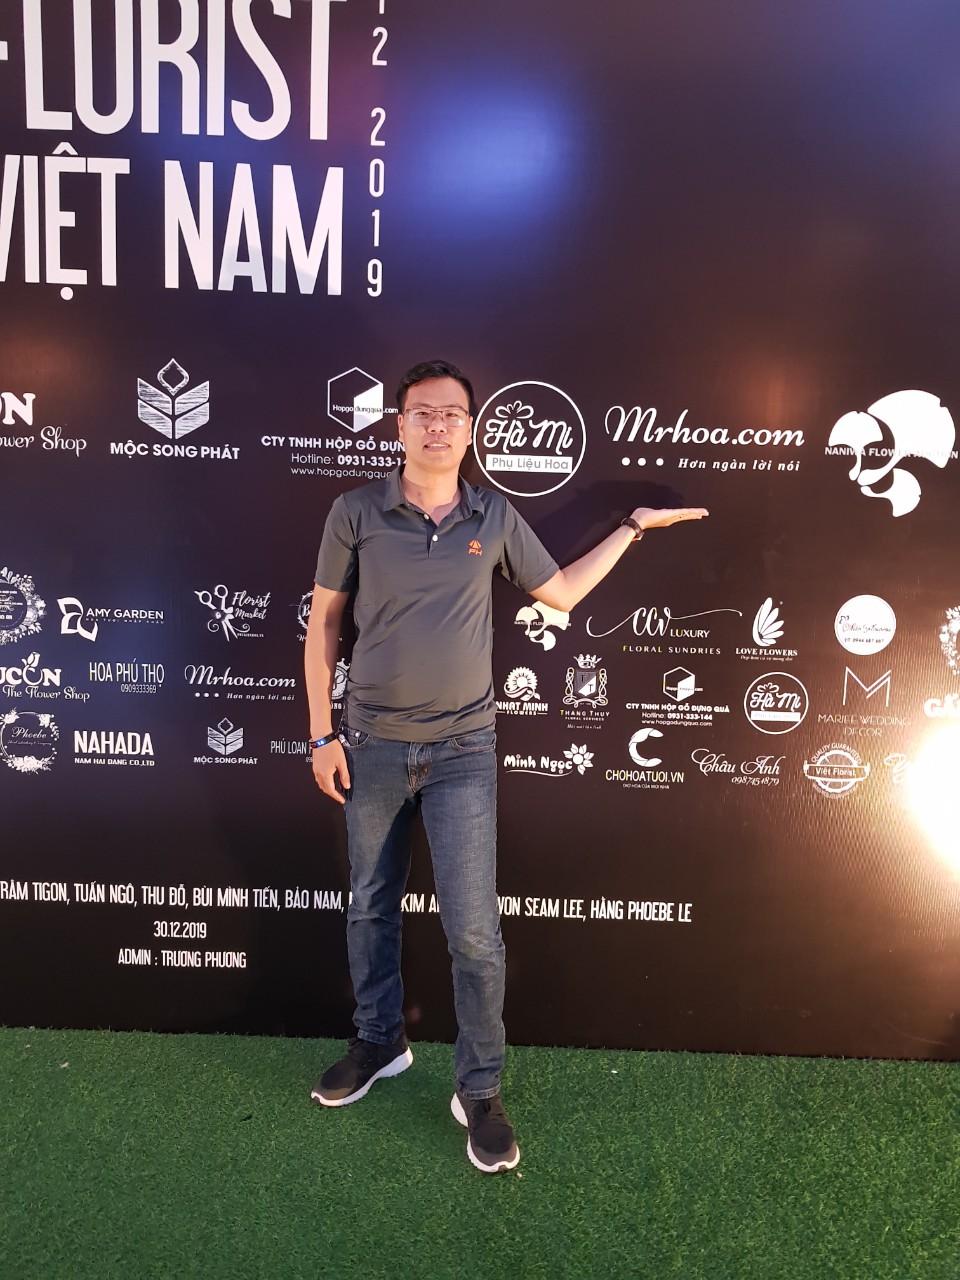 Anh Võ Văn Đạt giám đốc công ty MrHoa